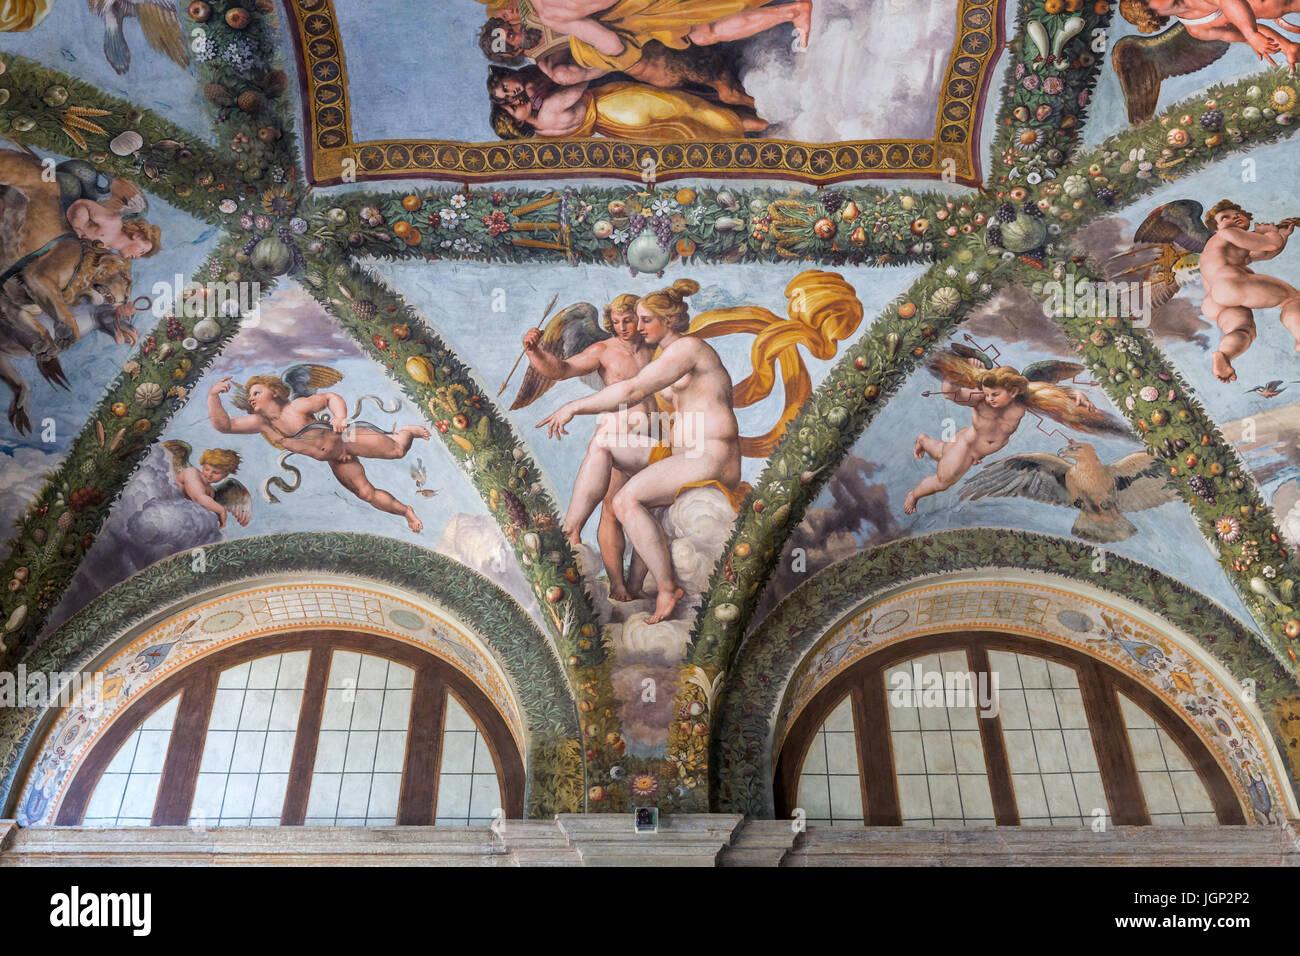 Venus and Cupid, fresco by Raffellino del Colle, Villa Farnesina, Rome, Italy - Stock Image